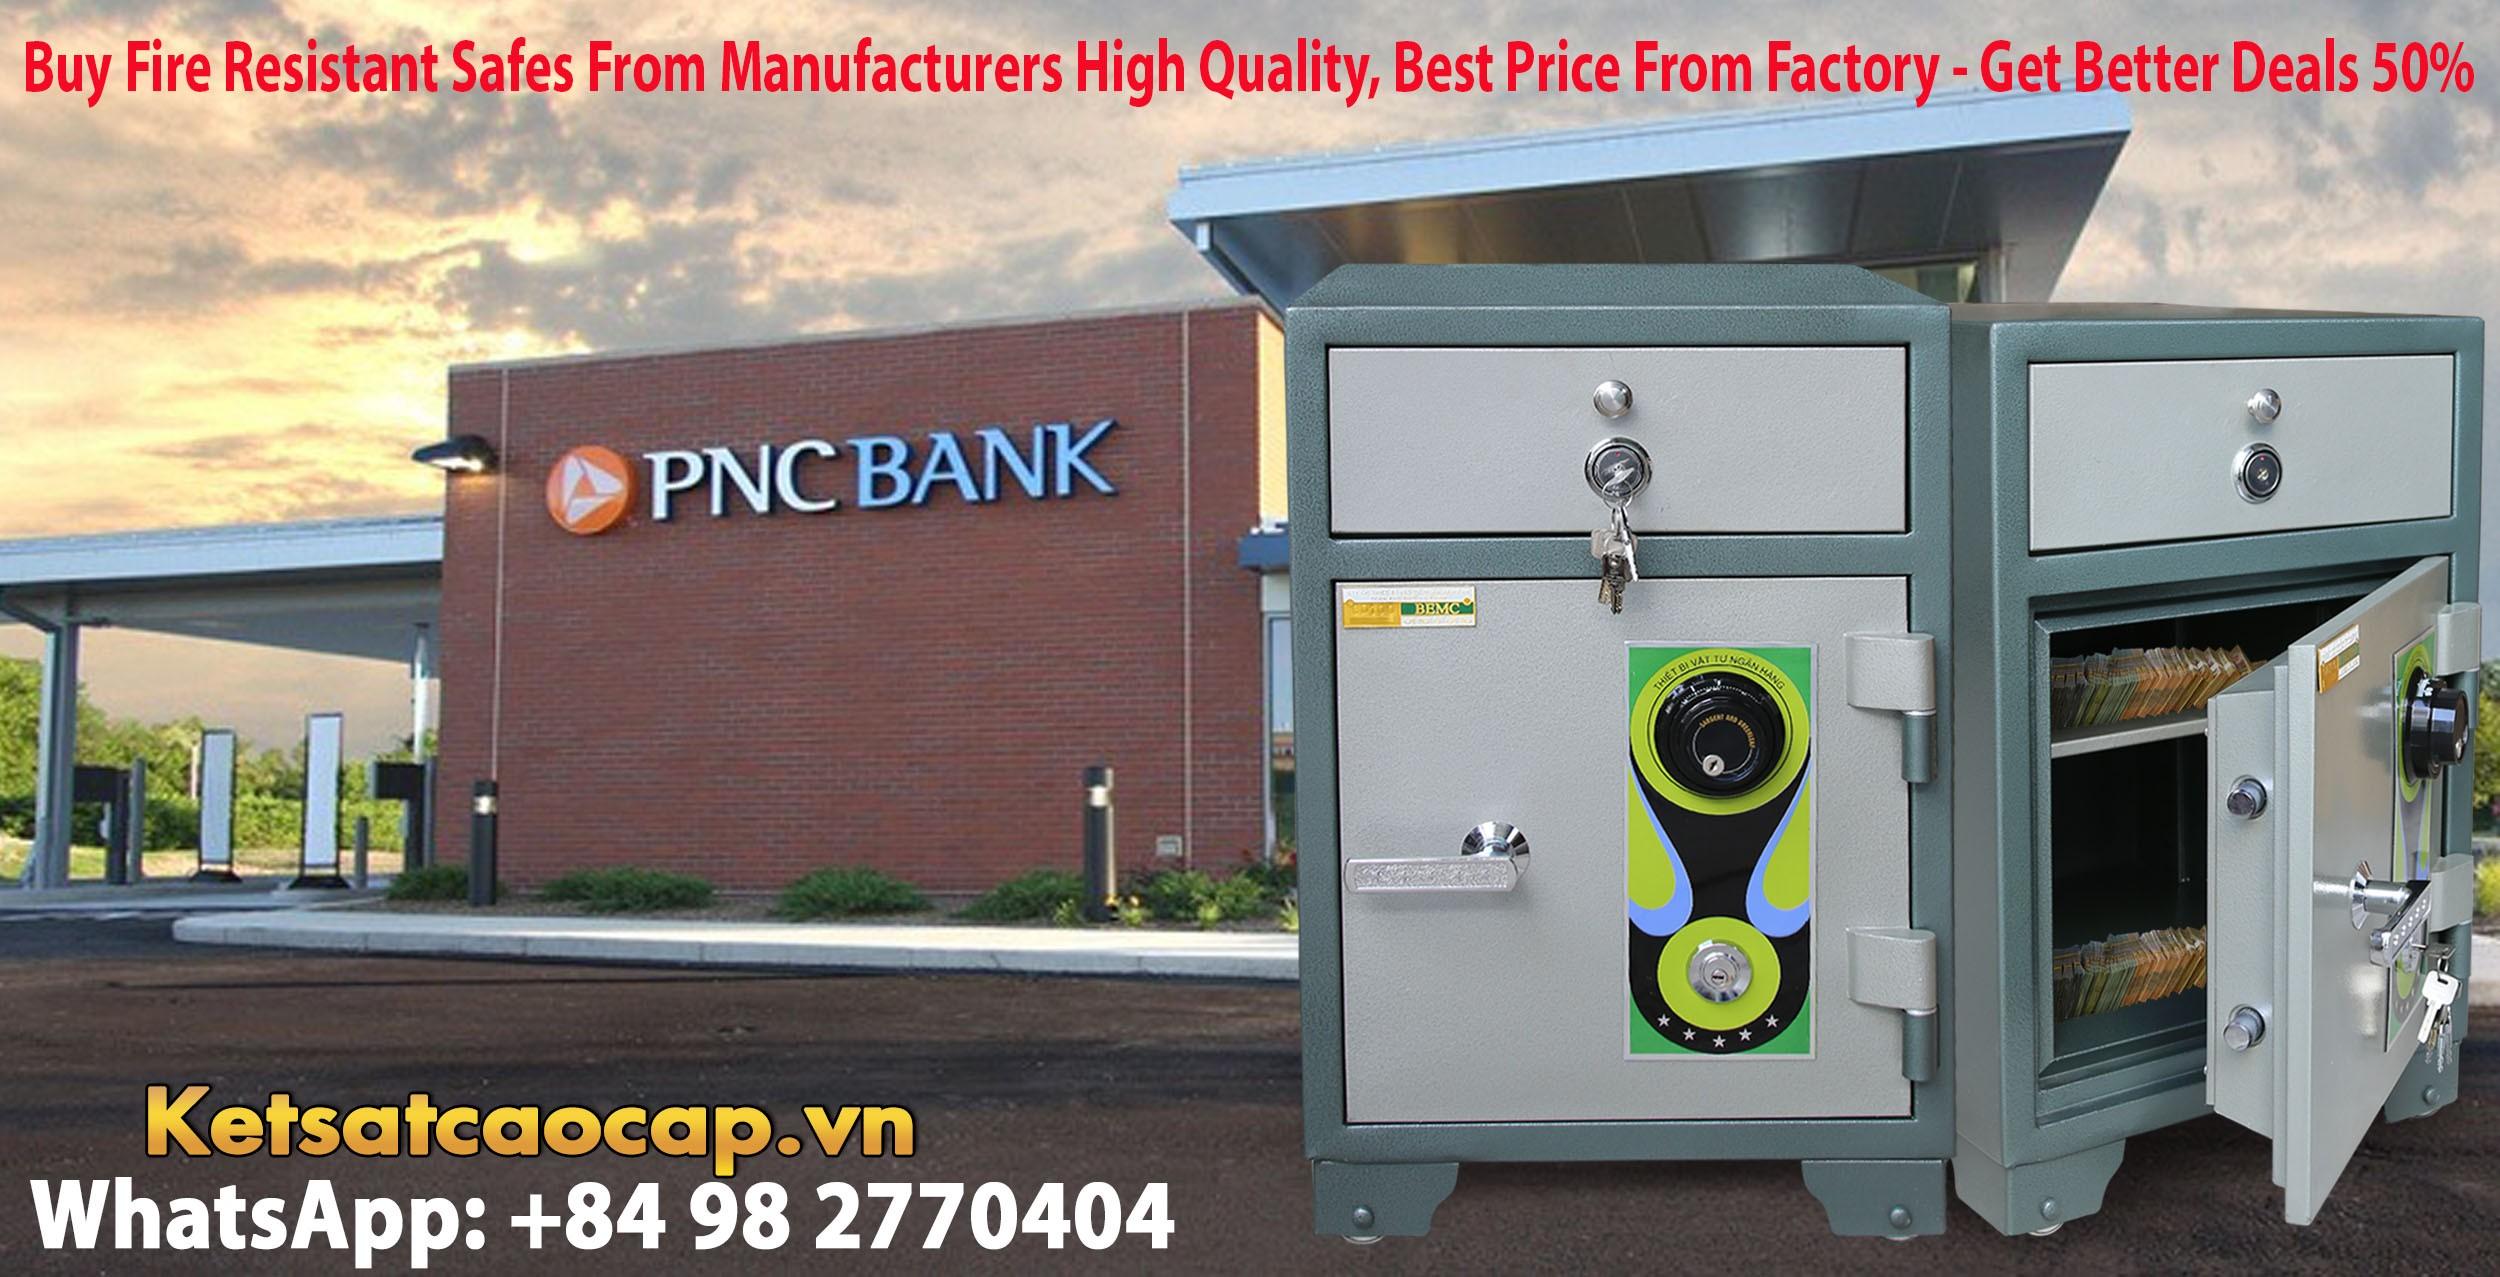 Bank Safes Box High Quality Price Ratio